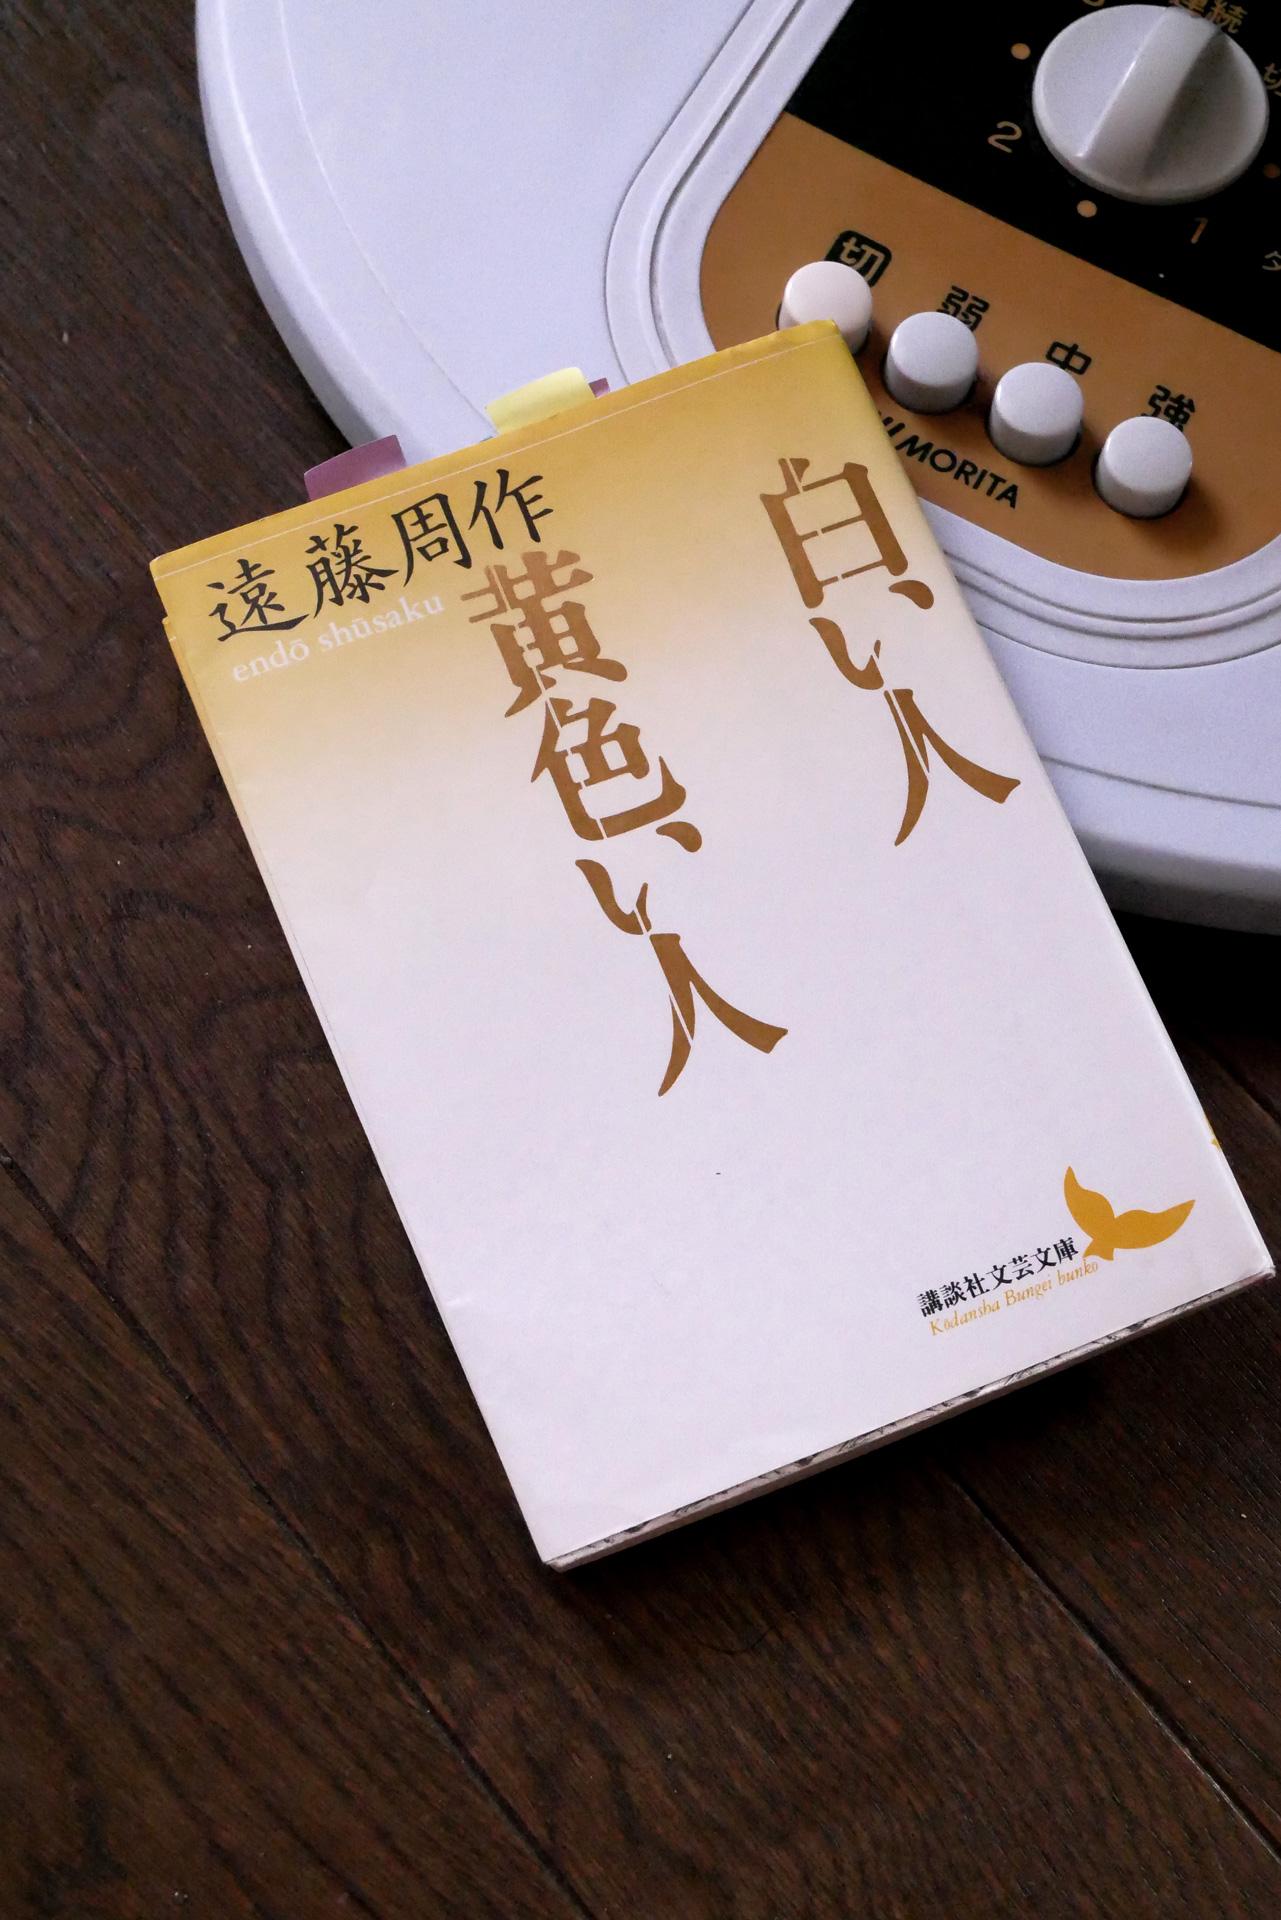 書籍白い人・黄色い人(遠藤 周作/講談社)」の表紙画像